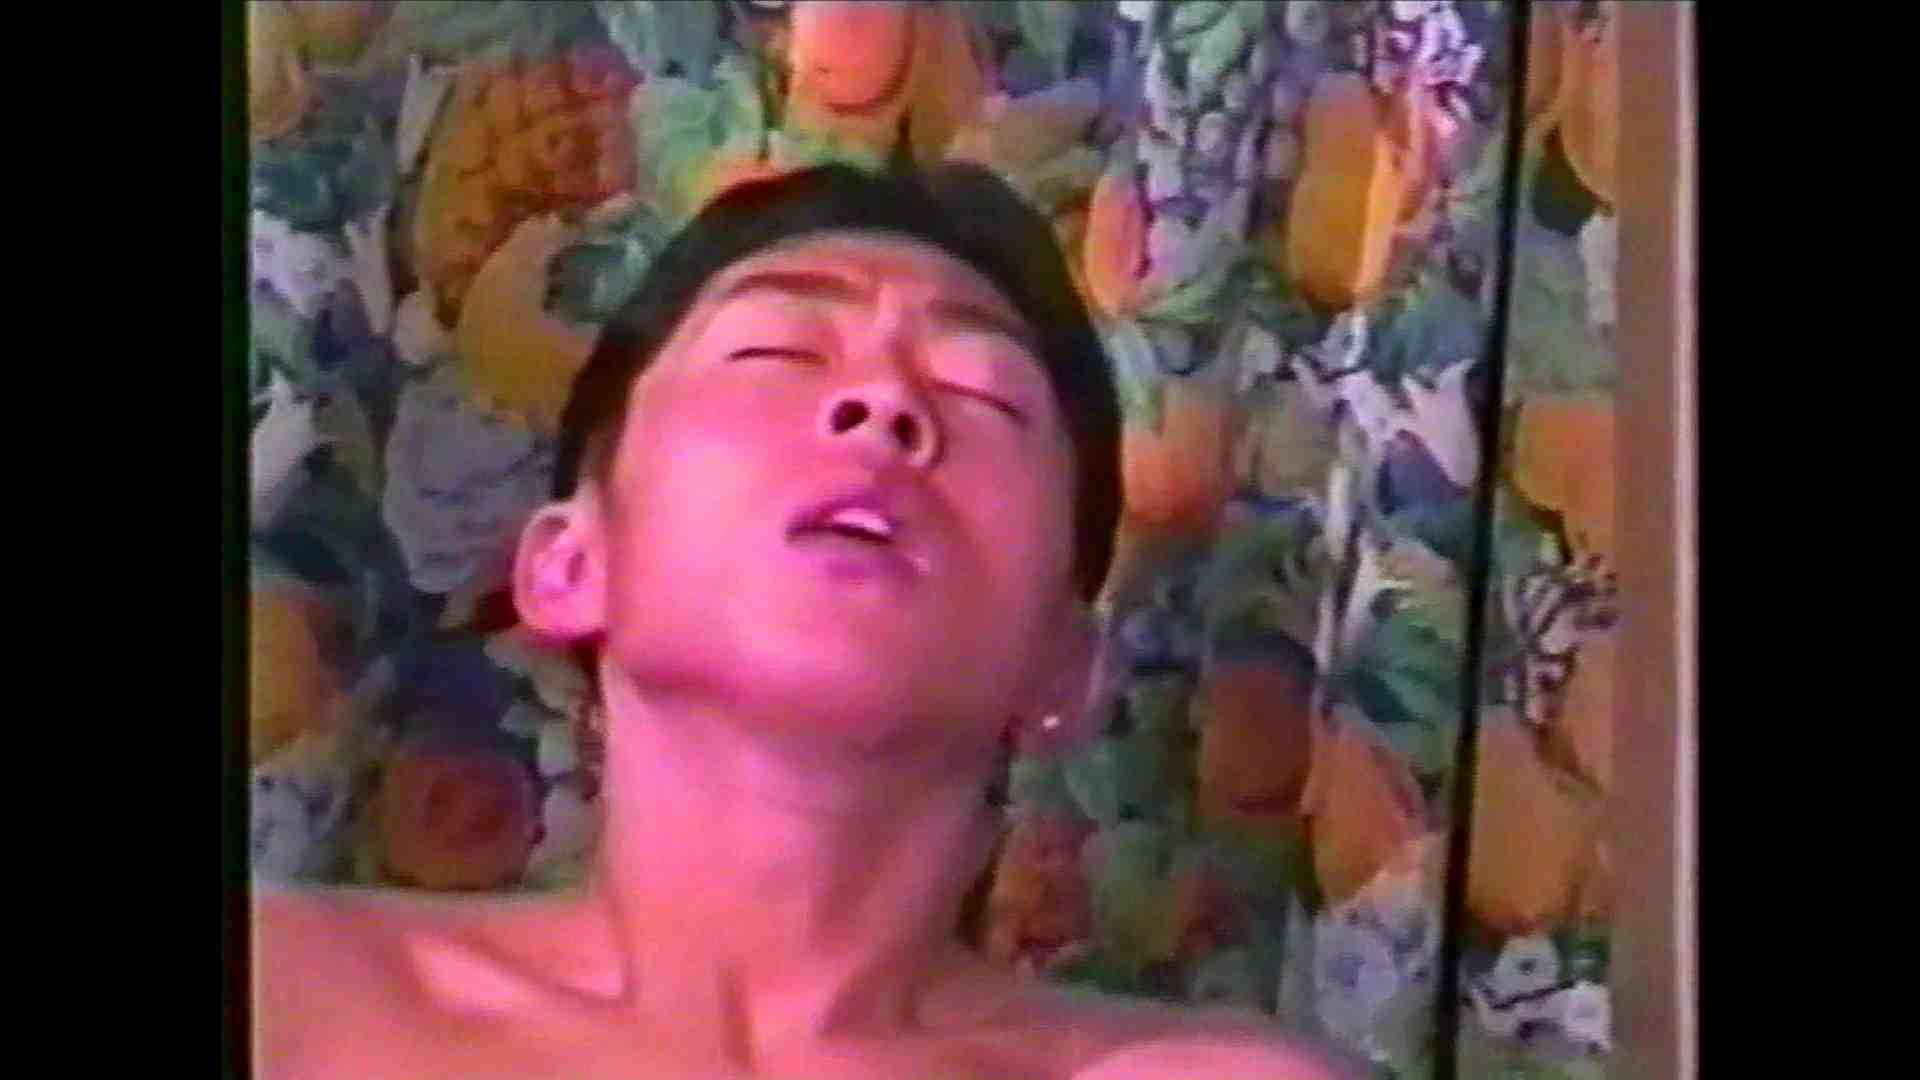 GAYBOY宏のオカズ倉庫Vol.12-2 ノンケ達のセックス  94画像 60